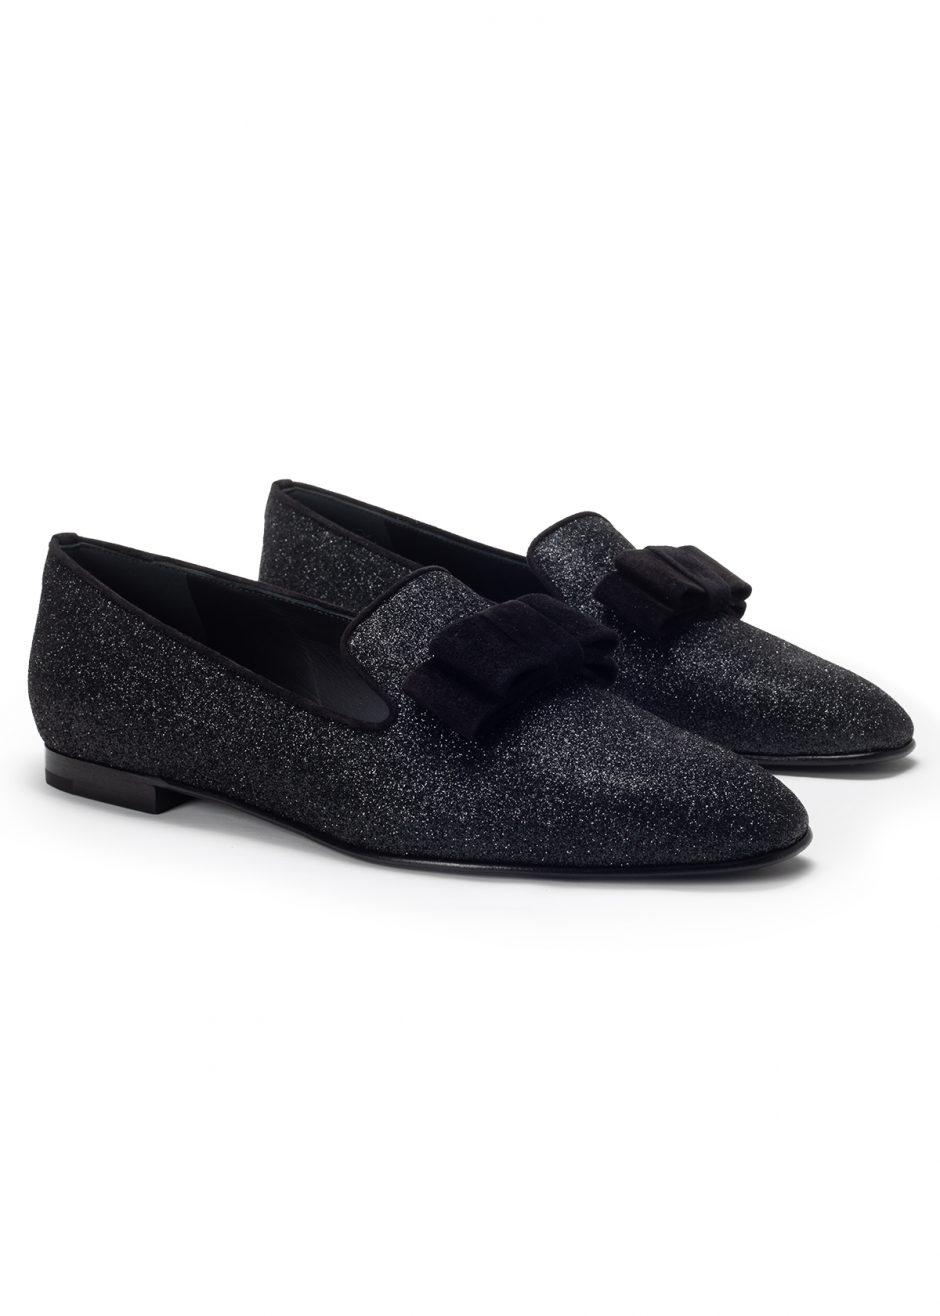 Vicky – Ballerina in raso nero glitter